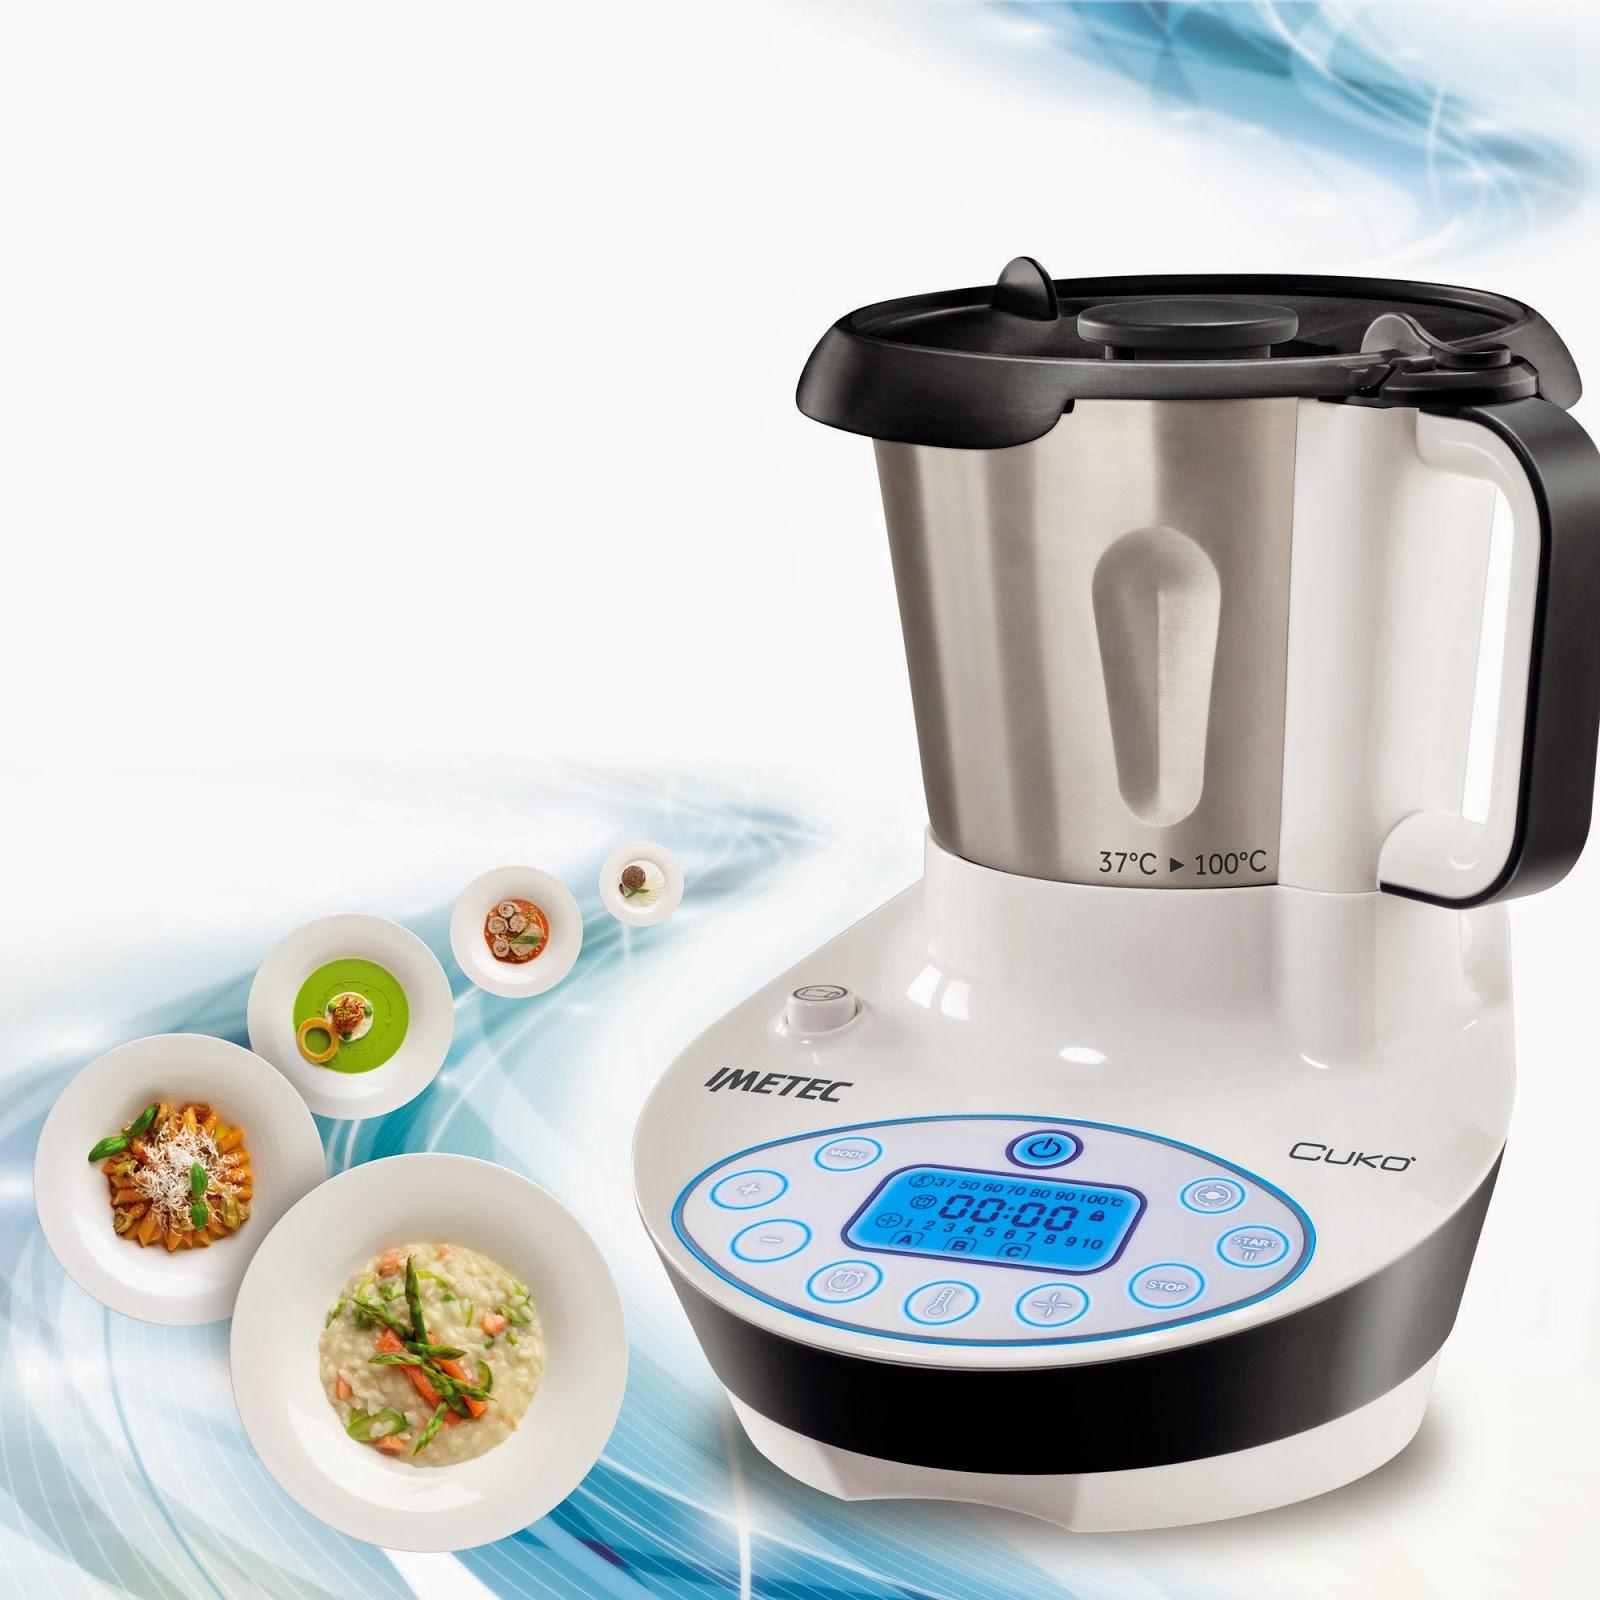 Mondo donna idea regalo la macchina che cucina per te - Macchina per cucinare ...